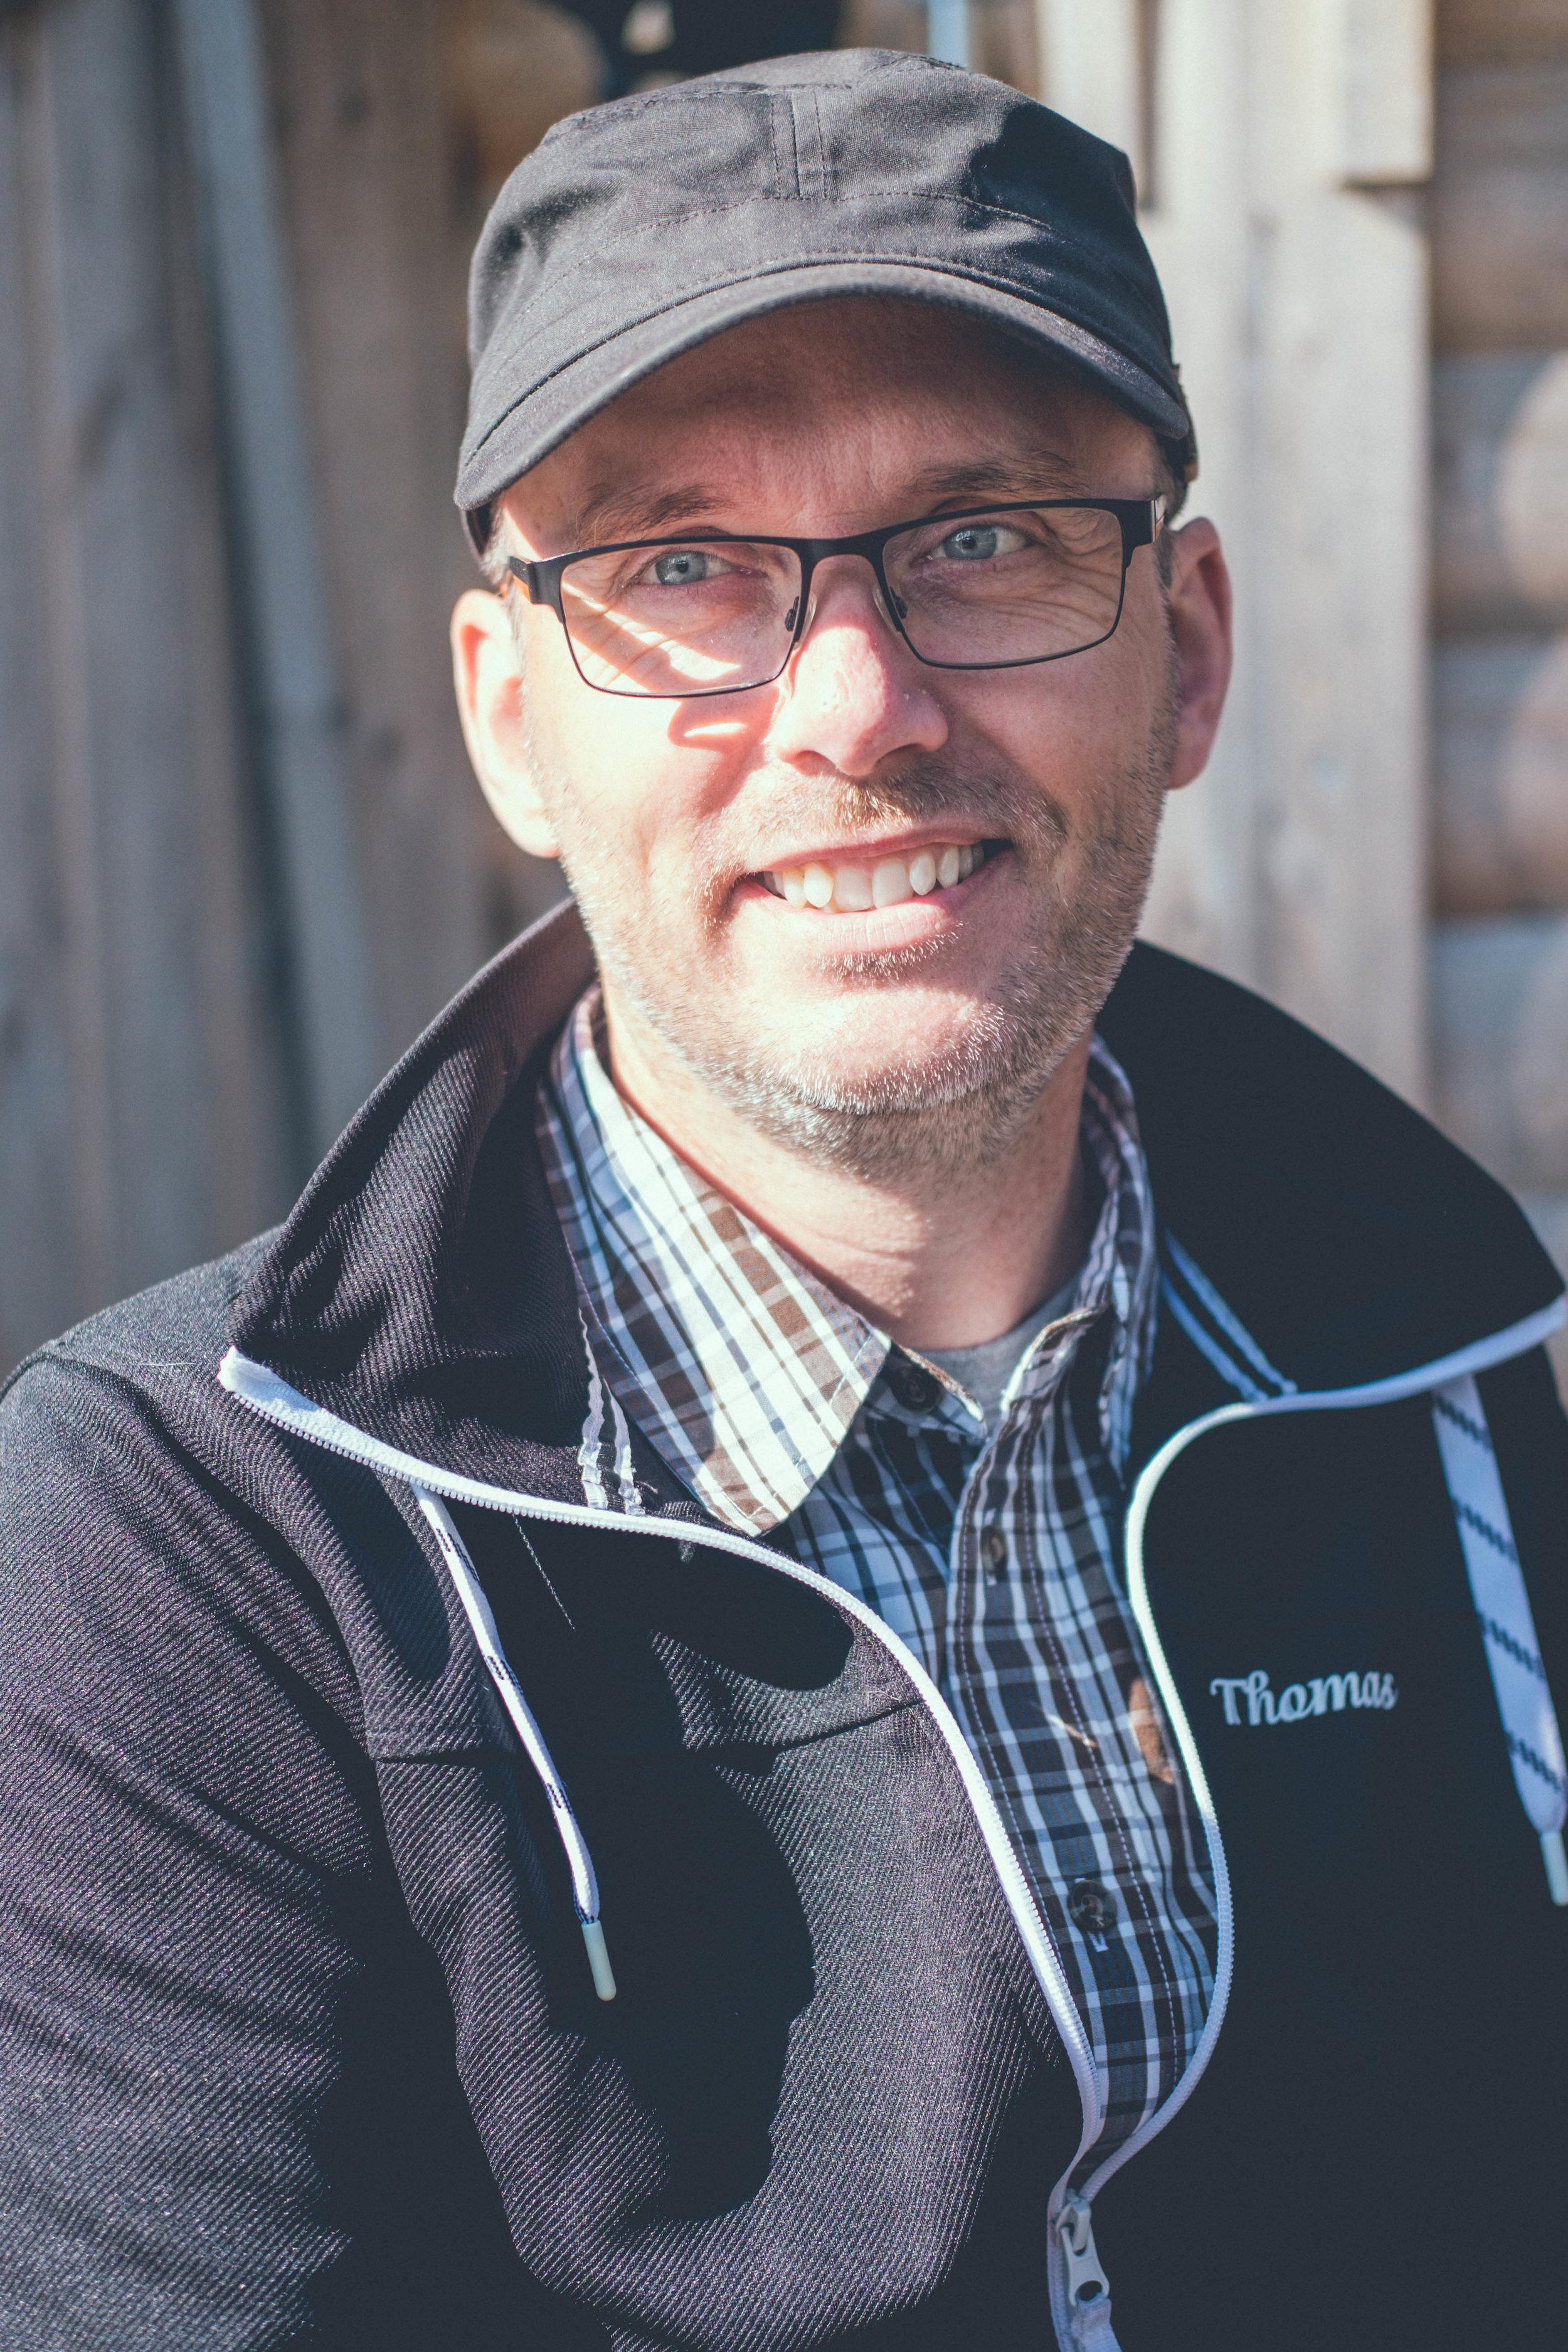 Thomas Norberg, ordförande Svenska Vita Älghundsklubben. FOTO: Mattias Färnstrand, Kuxagruppen AB